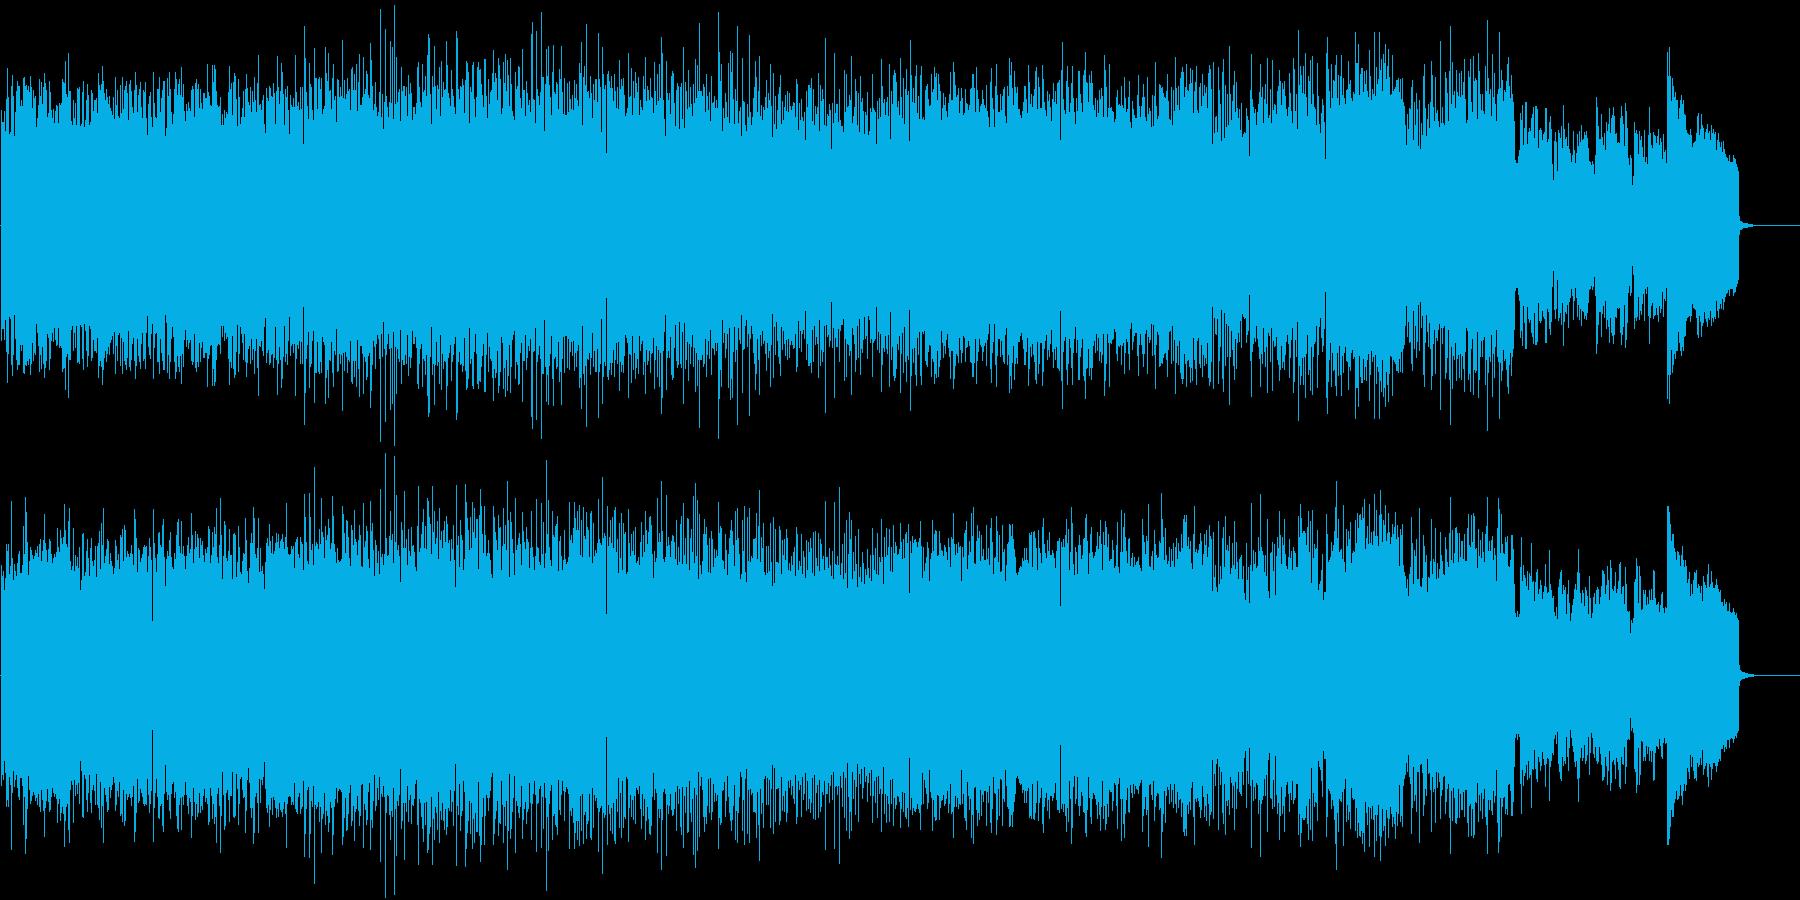 海中散策、エレクトロの再生済みの波形